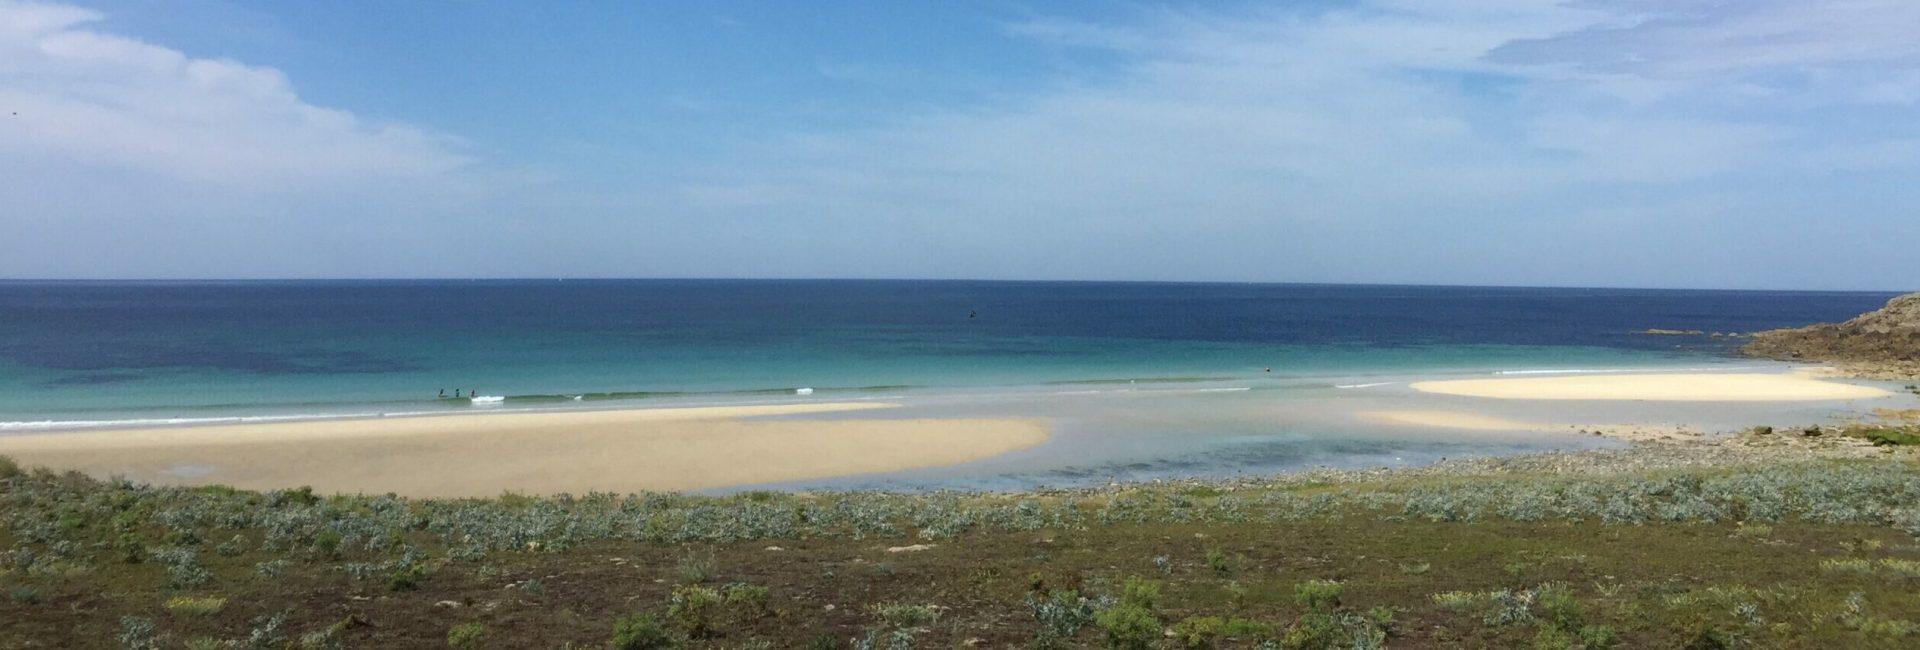 Strand mit Ebbe bei schönen Wetter